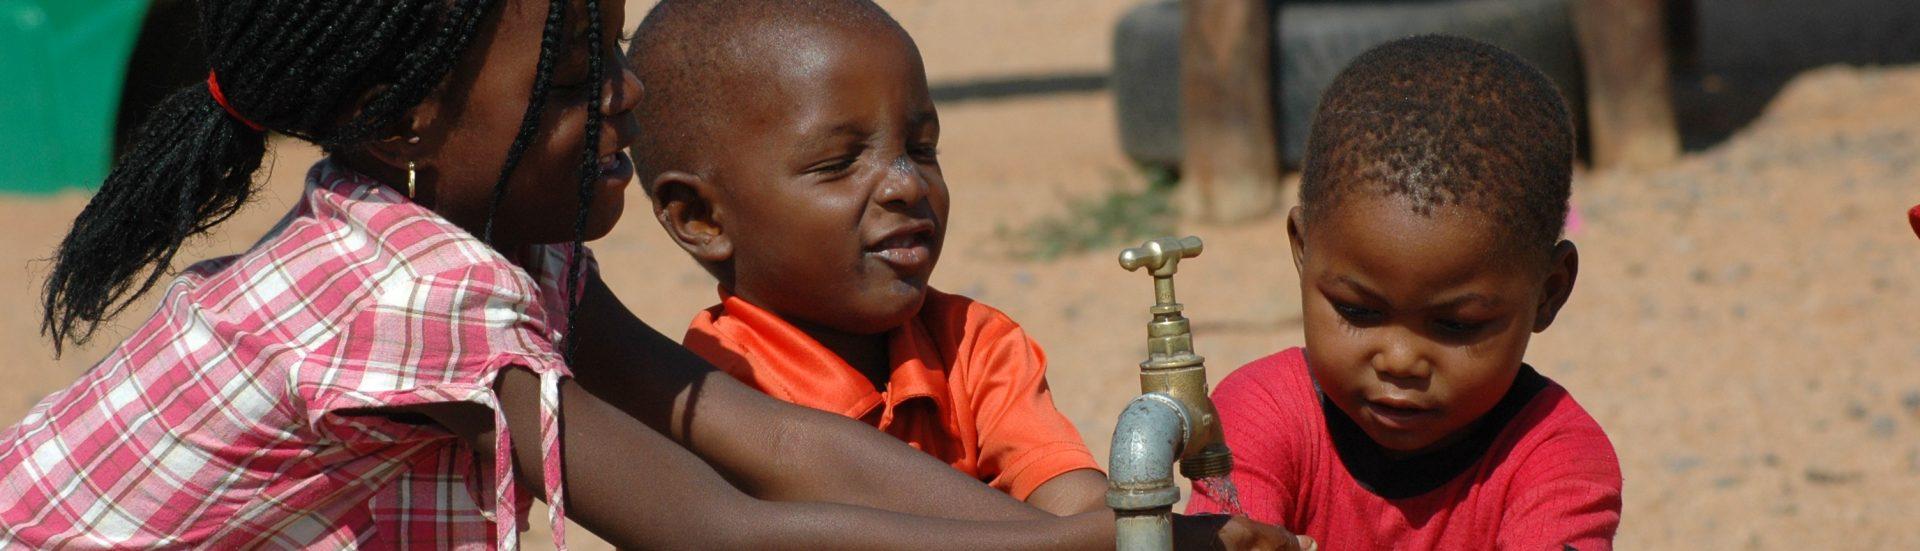 Kinderen bij kraan in Afrika